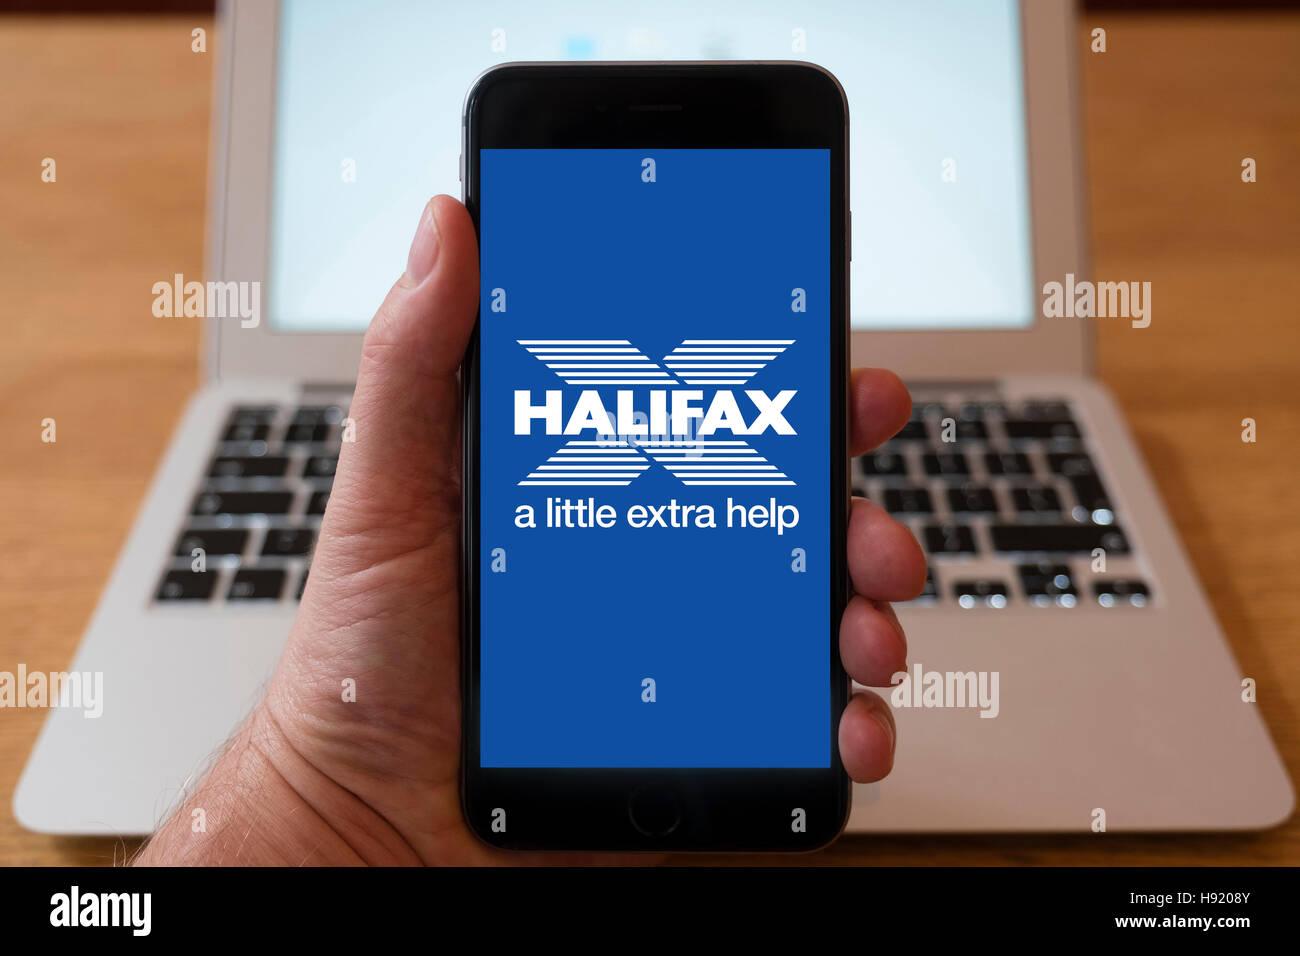 Halifax Bank Stock Photos & Halifax Bank Stock Images - Alamy